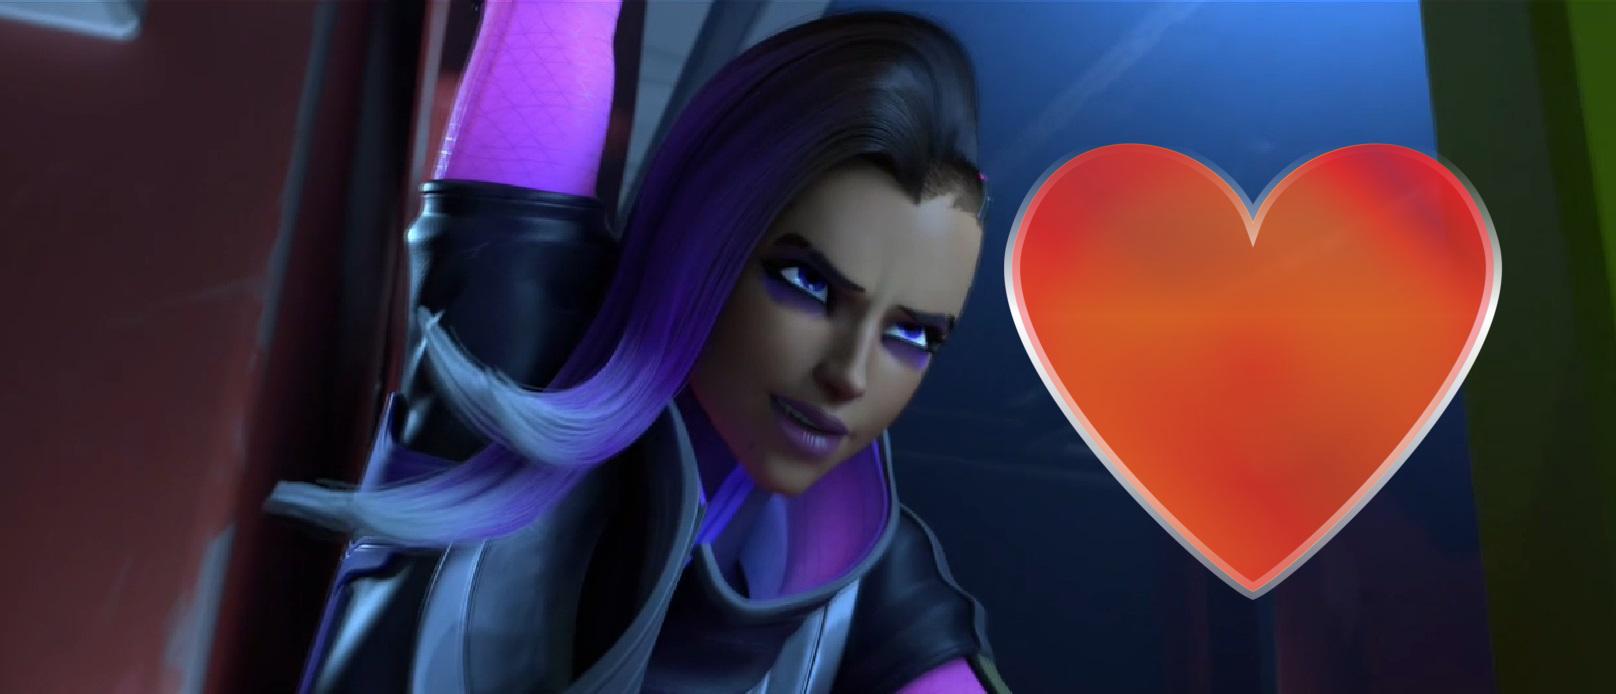 Overwatch: Trotz Voicelines kein Event zum Valentinstag?